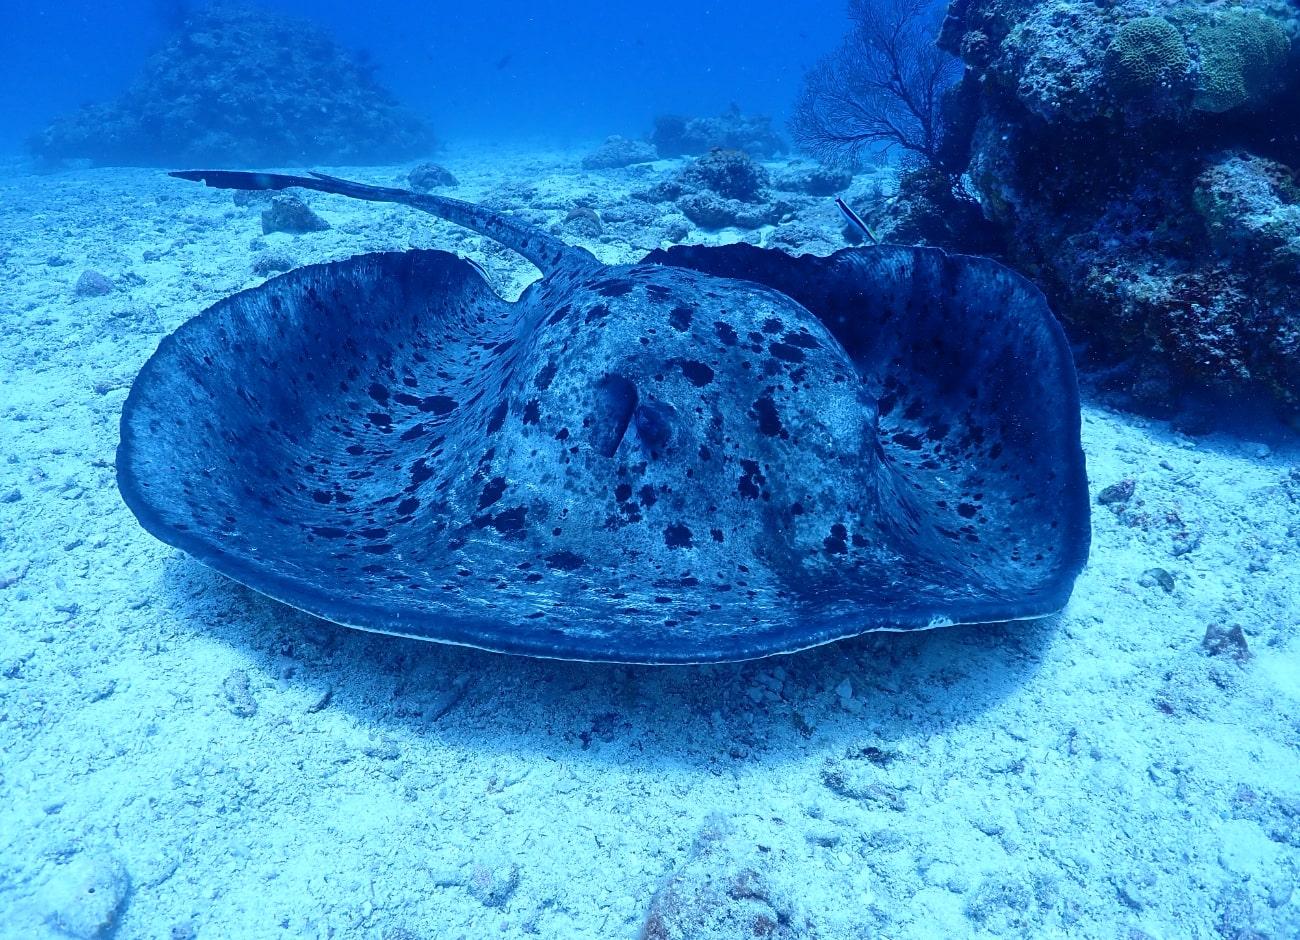 40年潜り続けた海人が選んだ「チービシ」とは